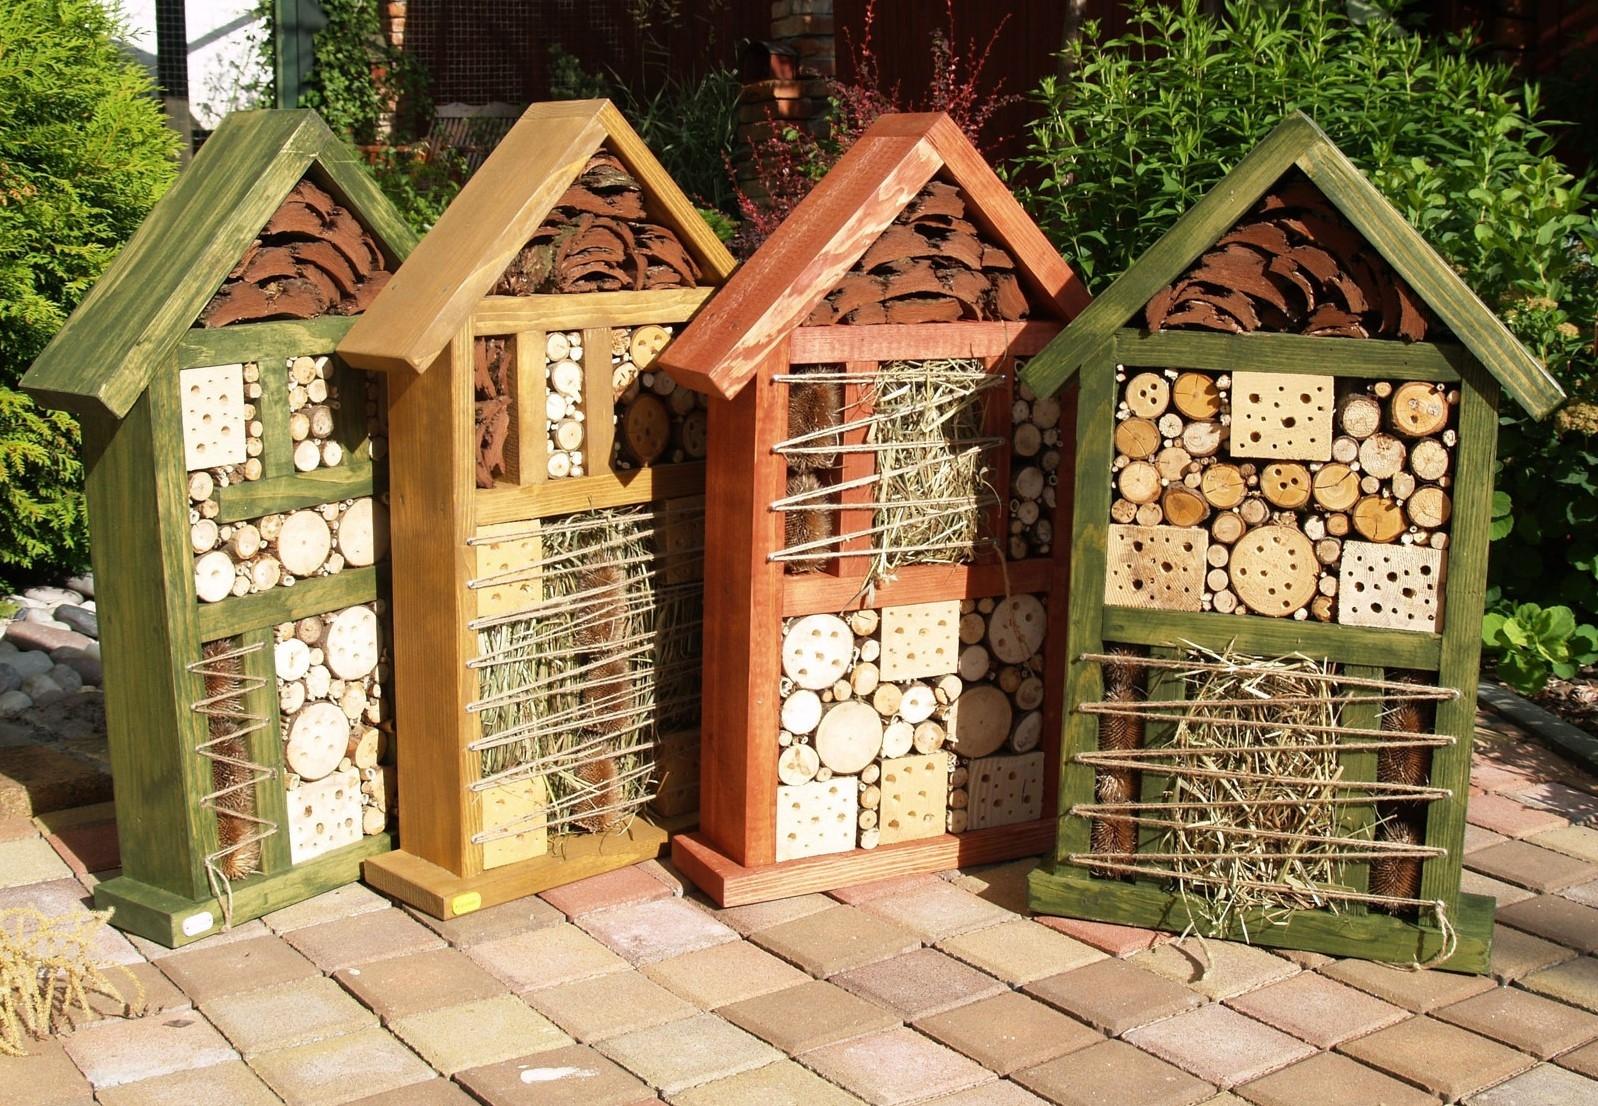 Staňte se hoteliérem! Postavte na své zahradě hotel pro hmyz